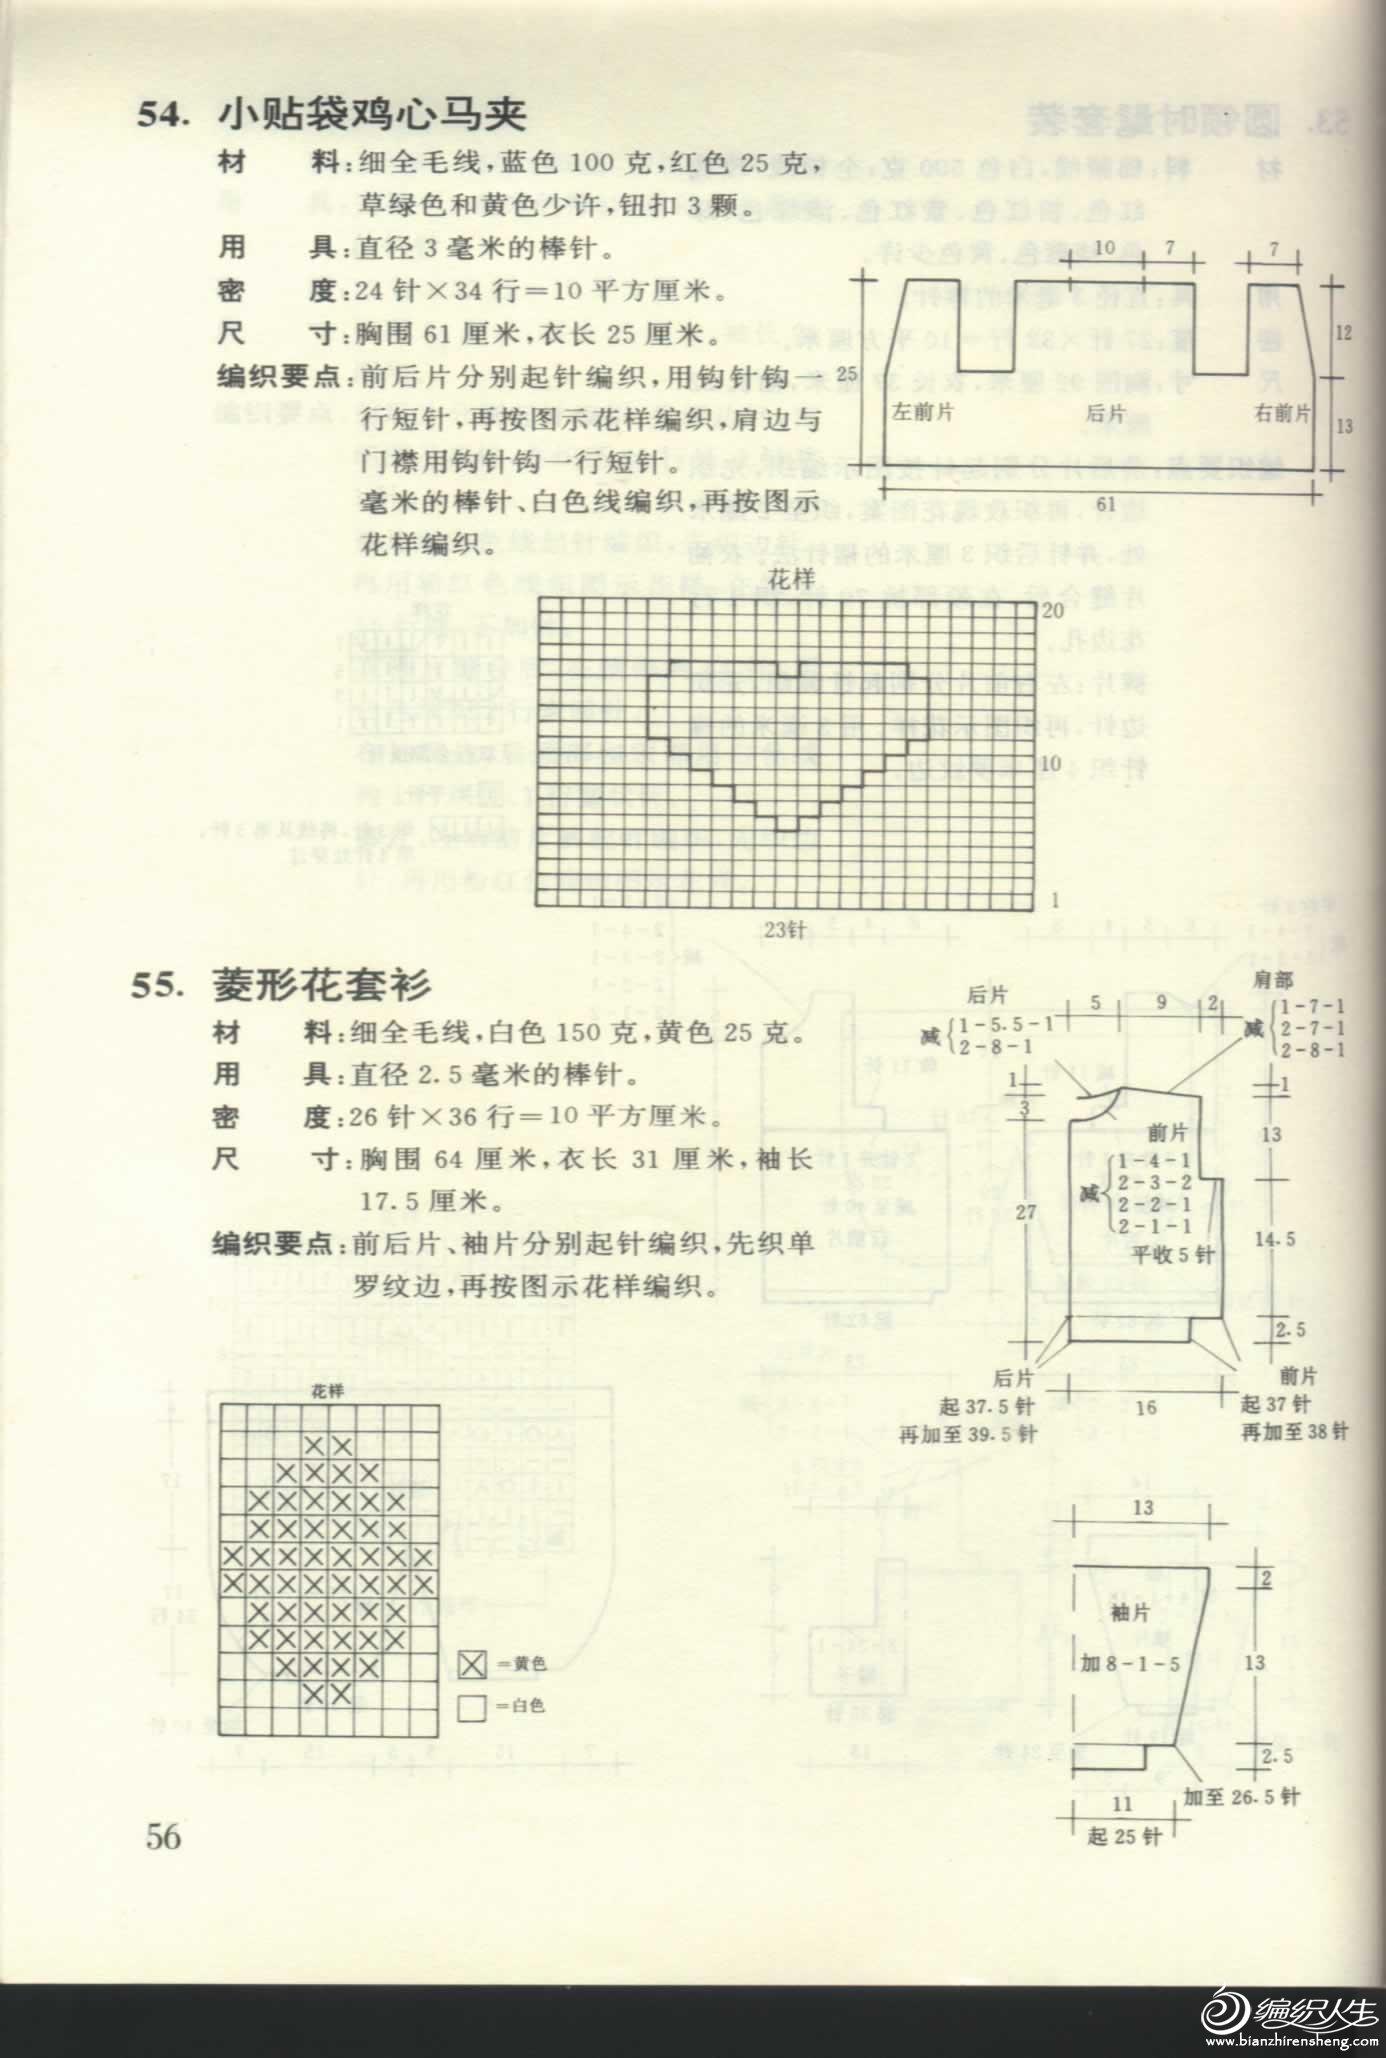 33_24792.jpg